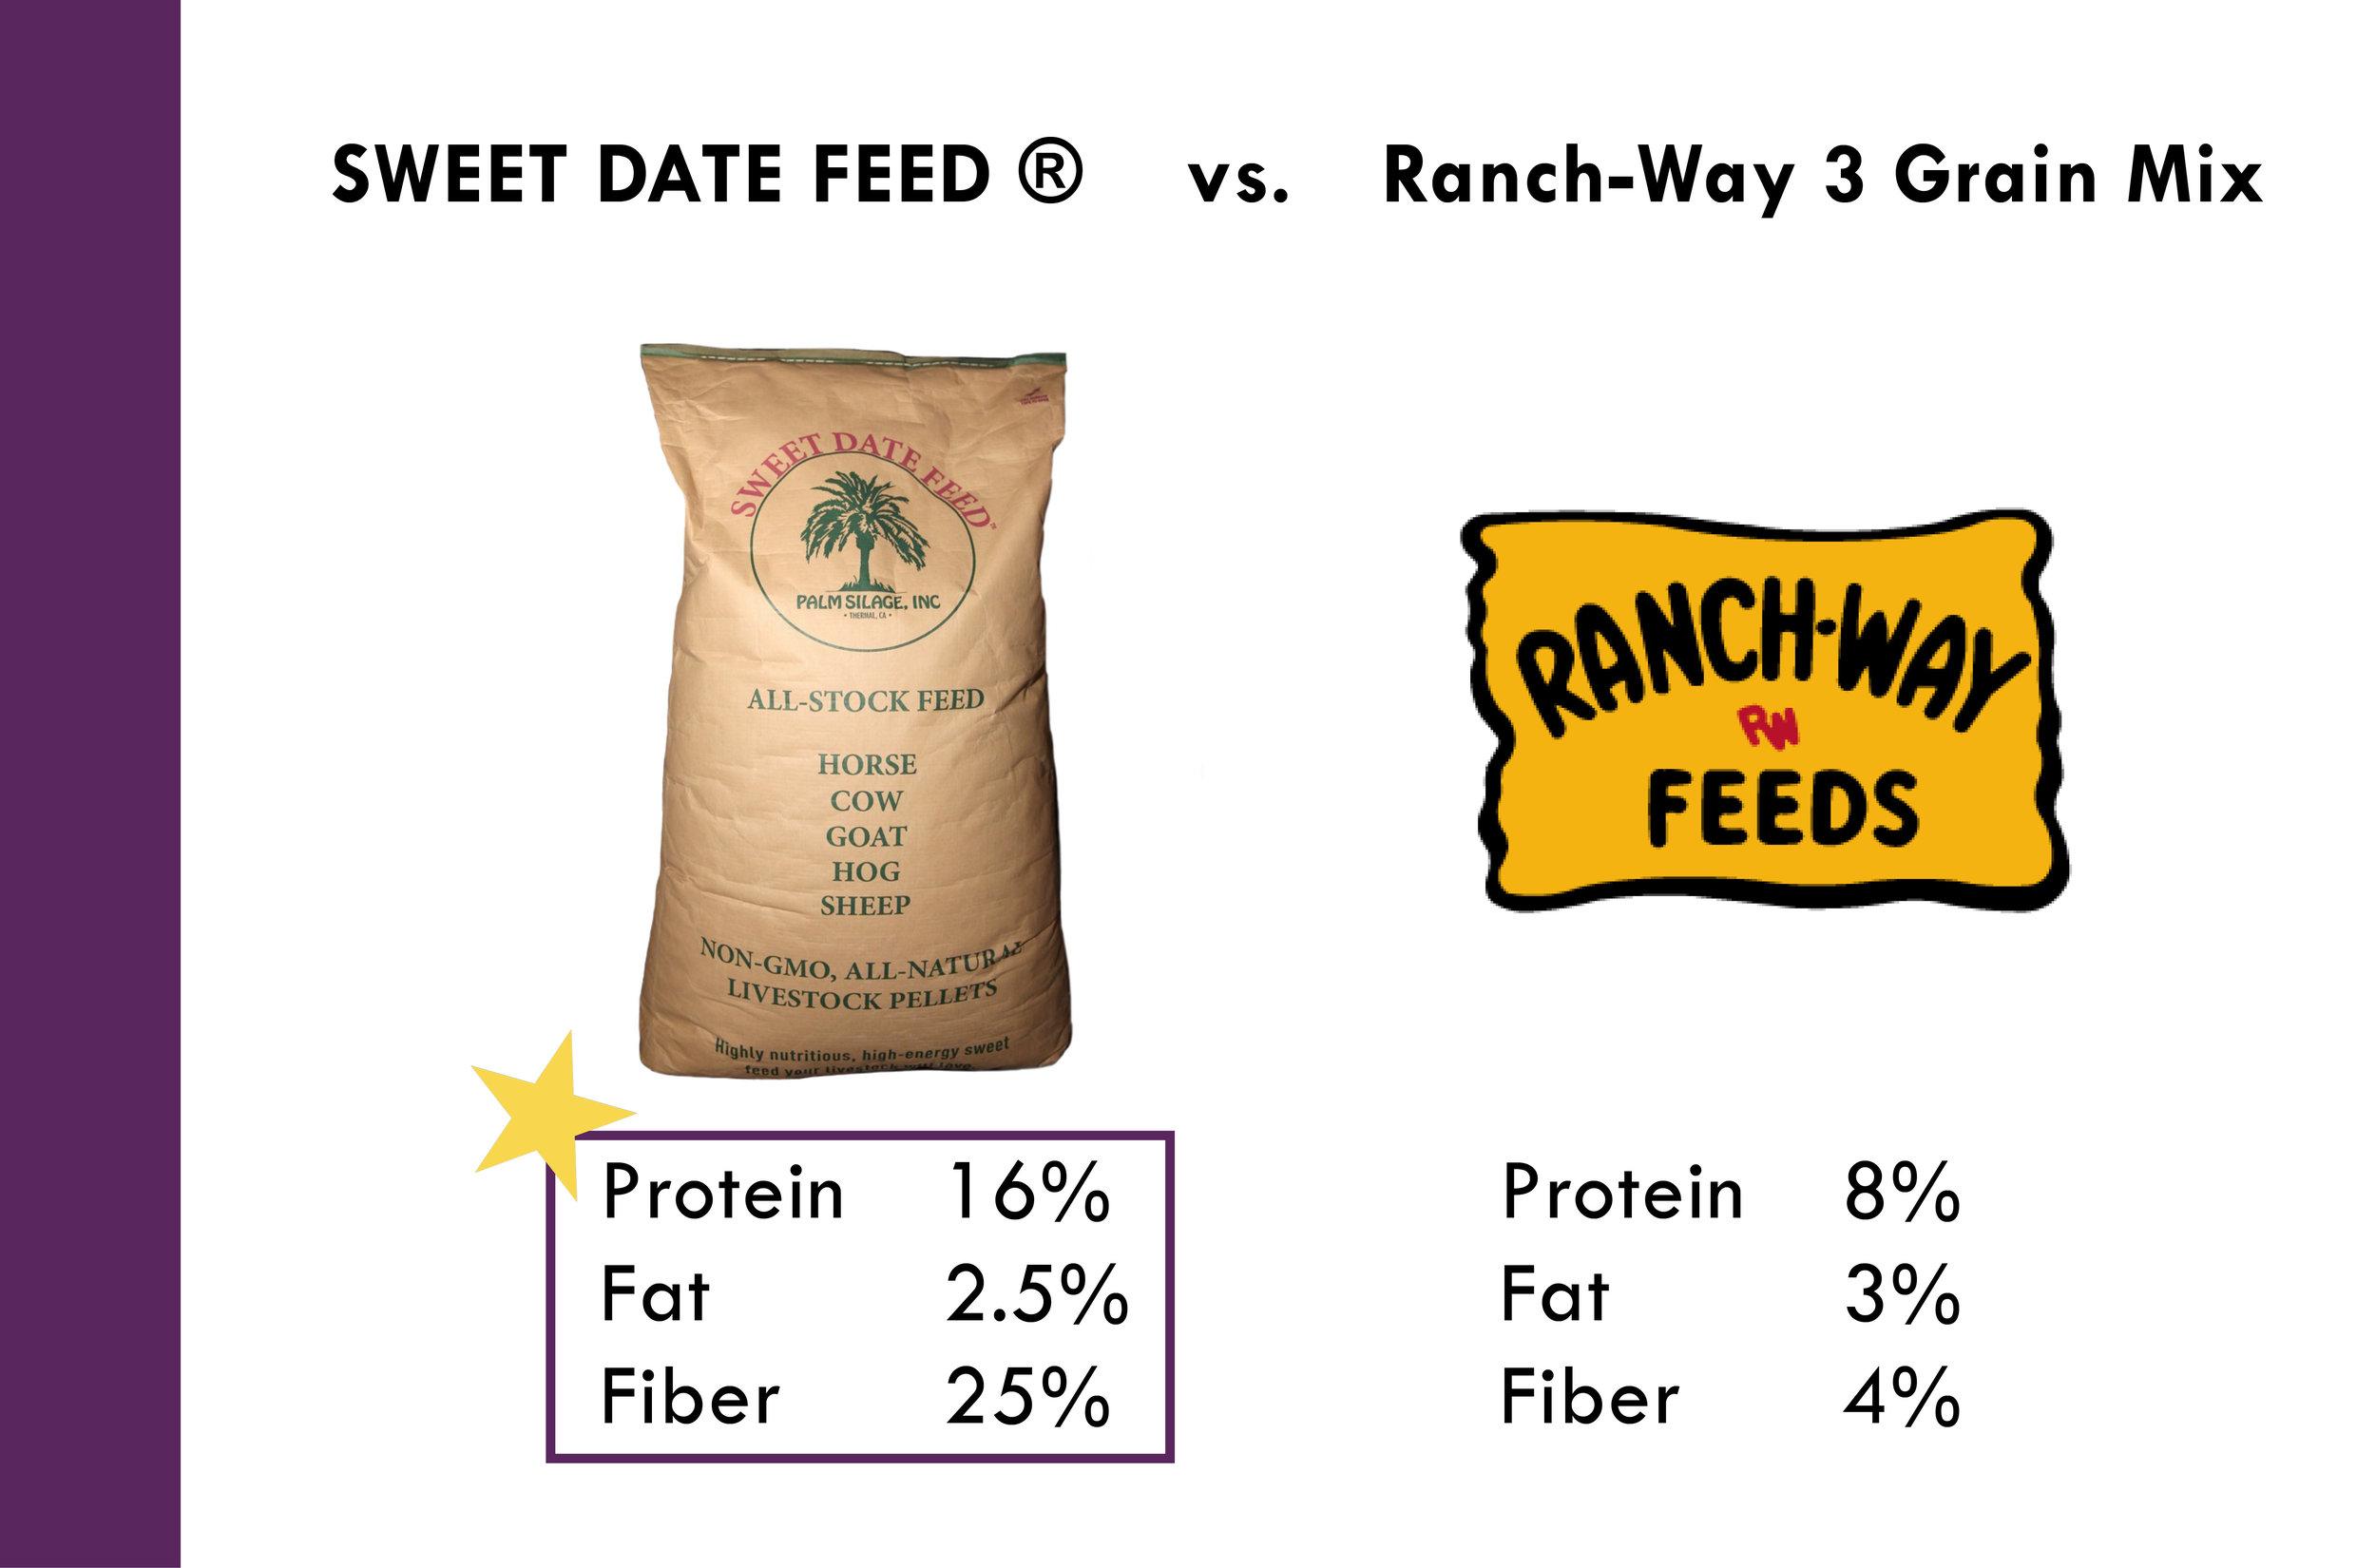 Why Sweet Date Feed_Palm Silage, Inc. 10-11-174.jpg